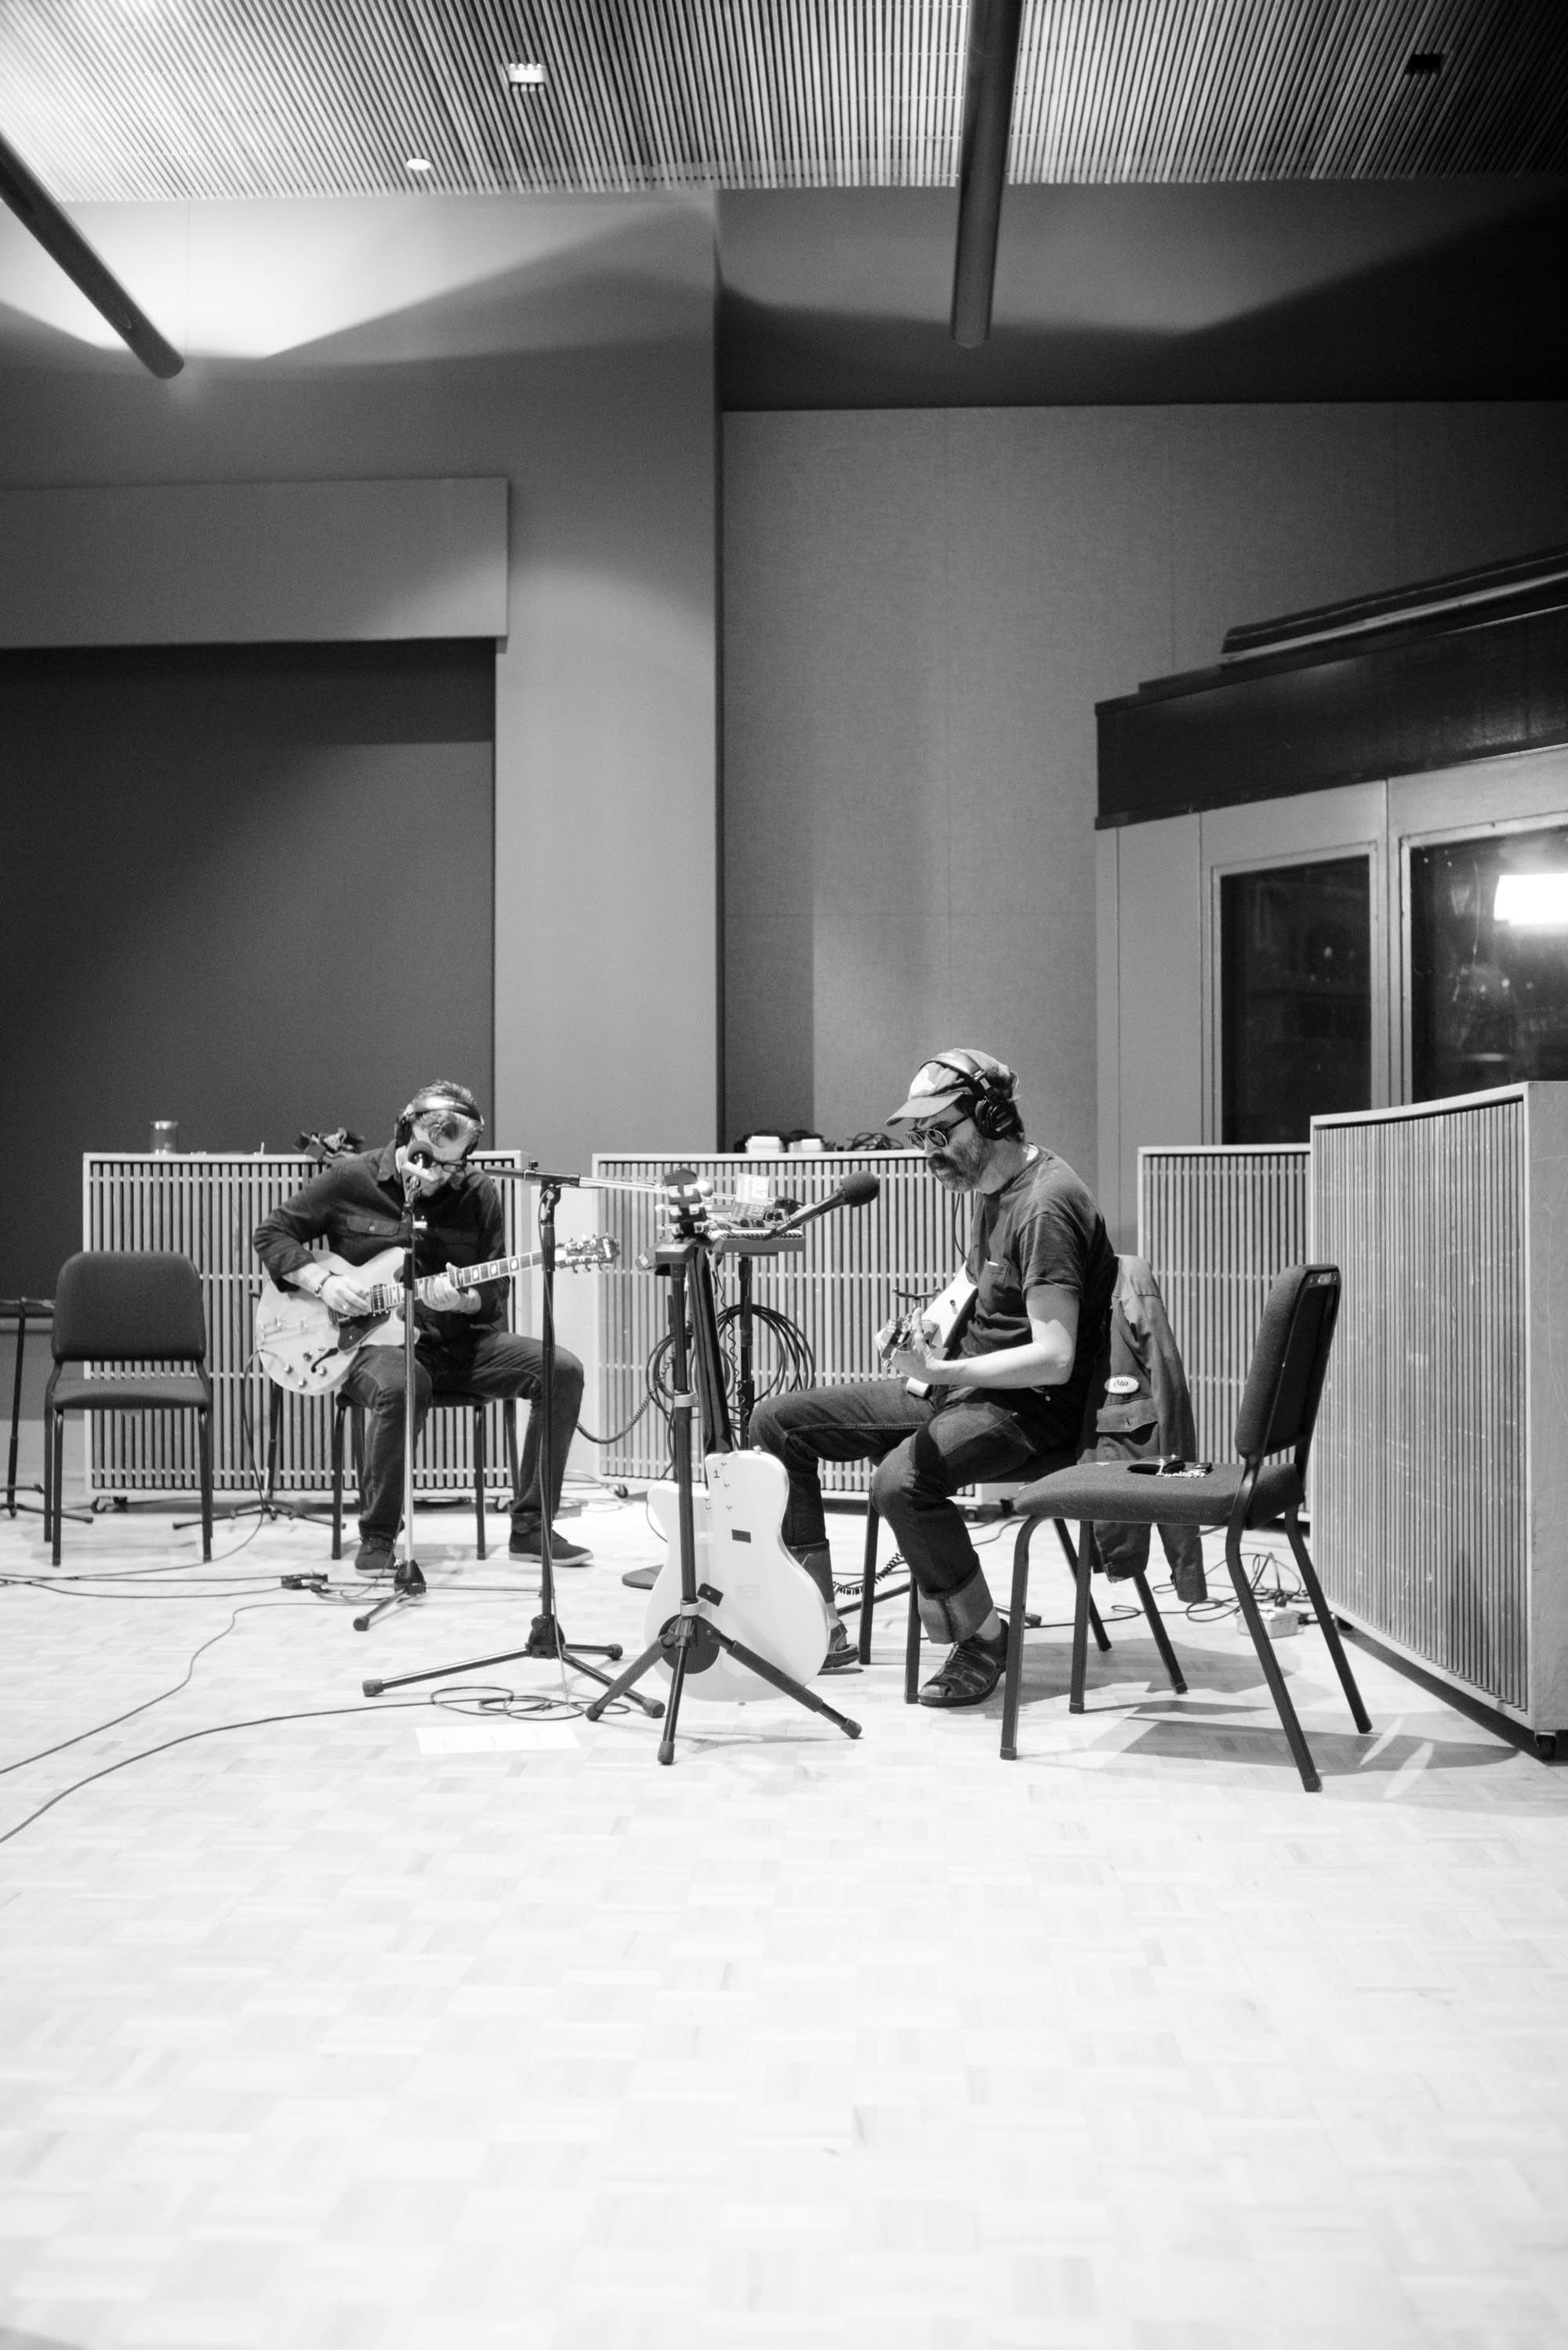 Eels perform in The Current studio